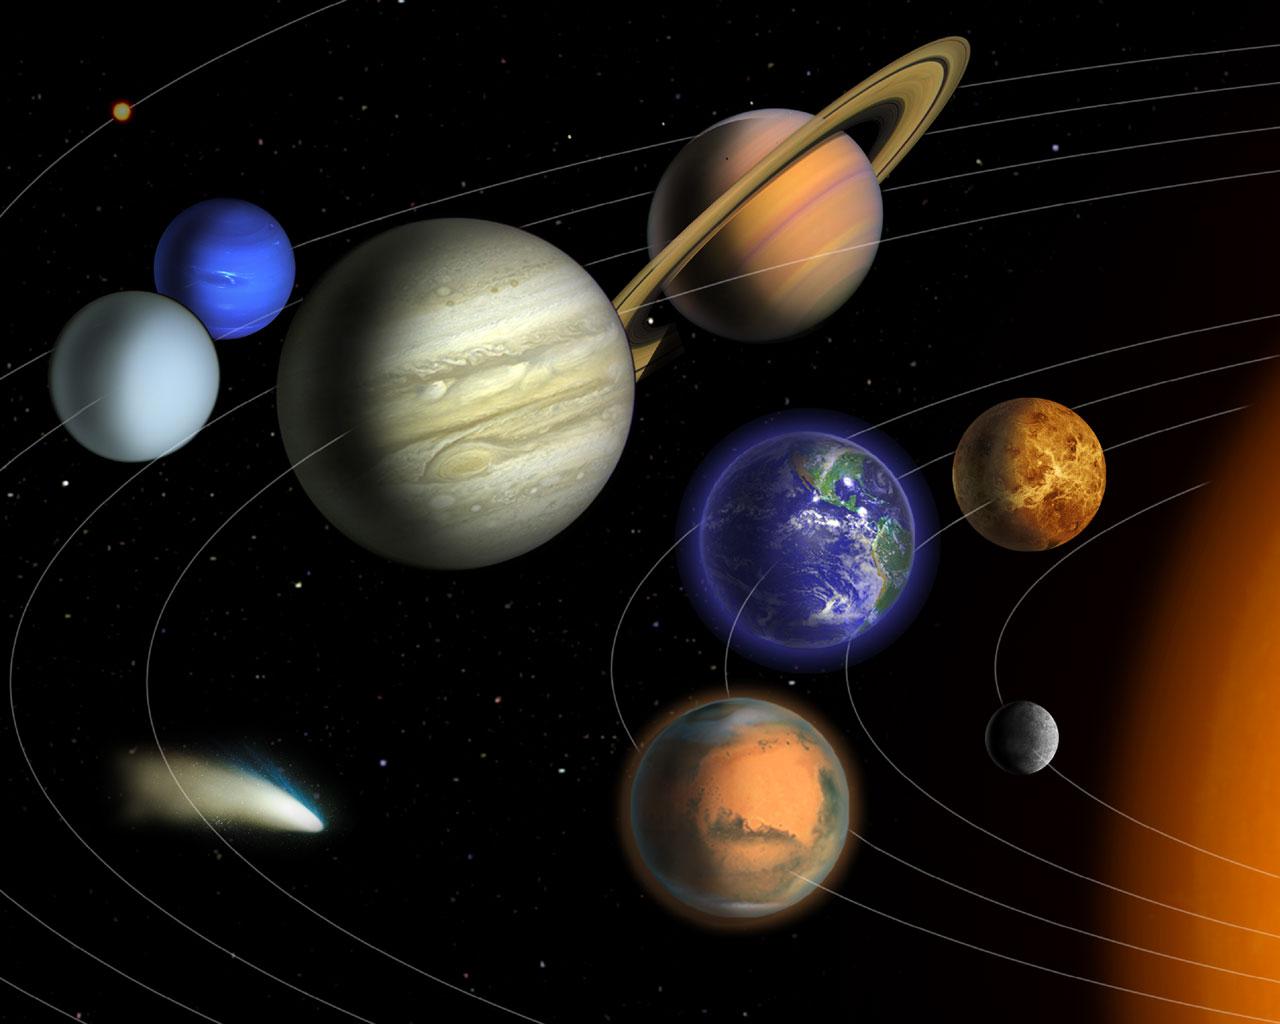 nasa solar system wallpaper Gallery